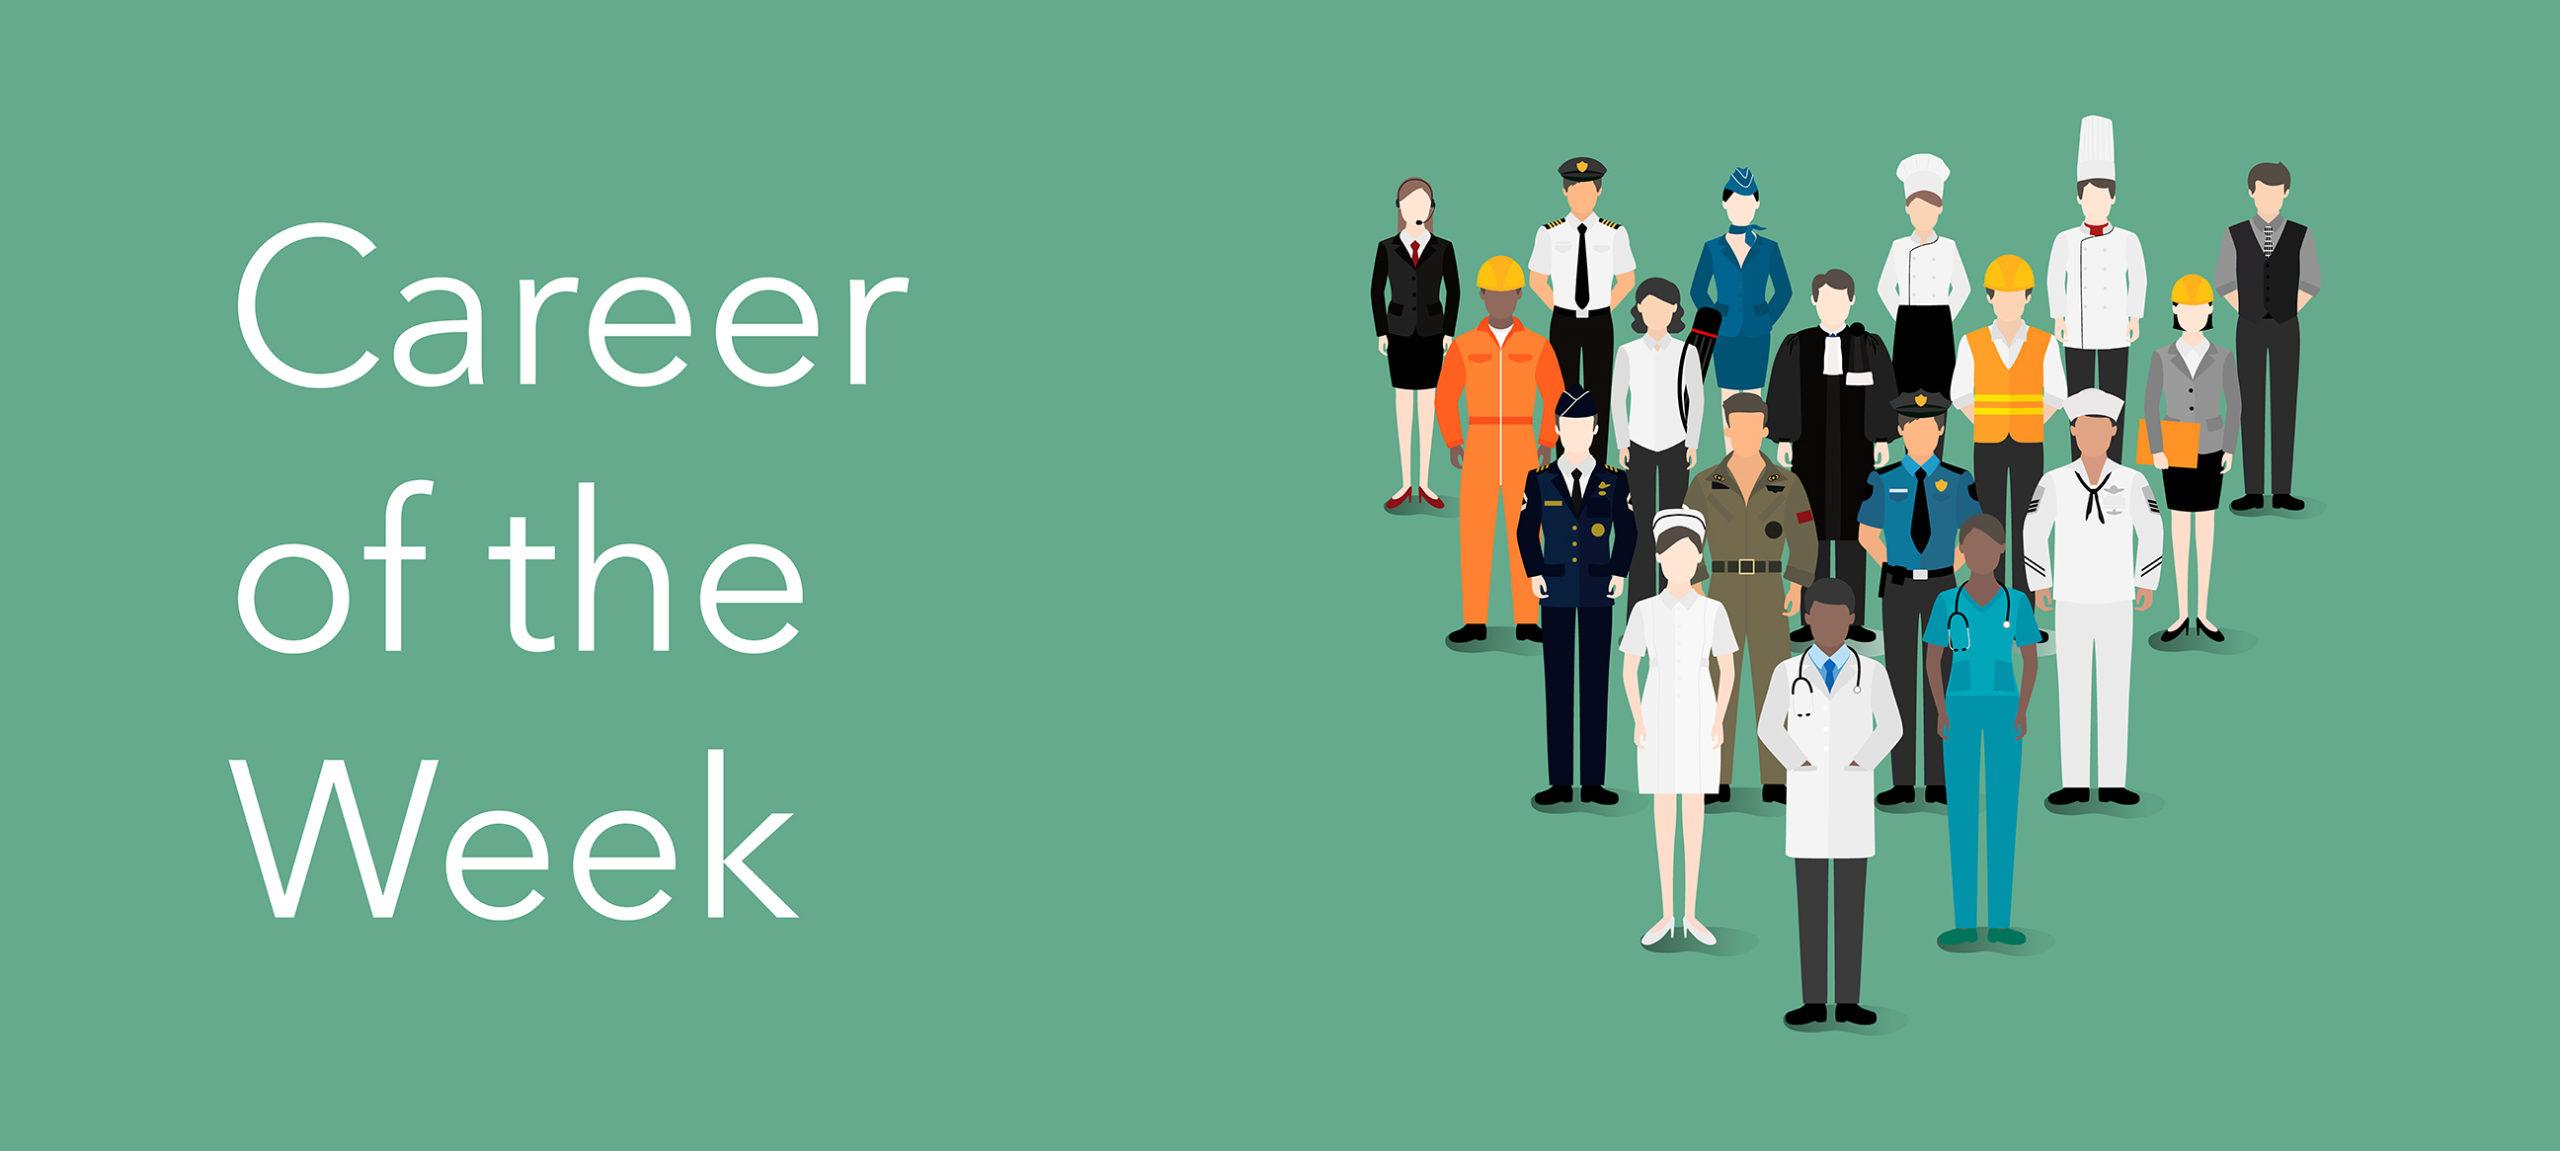 Career of the Week